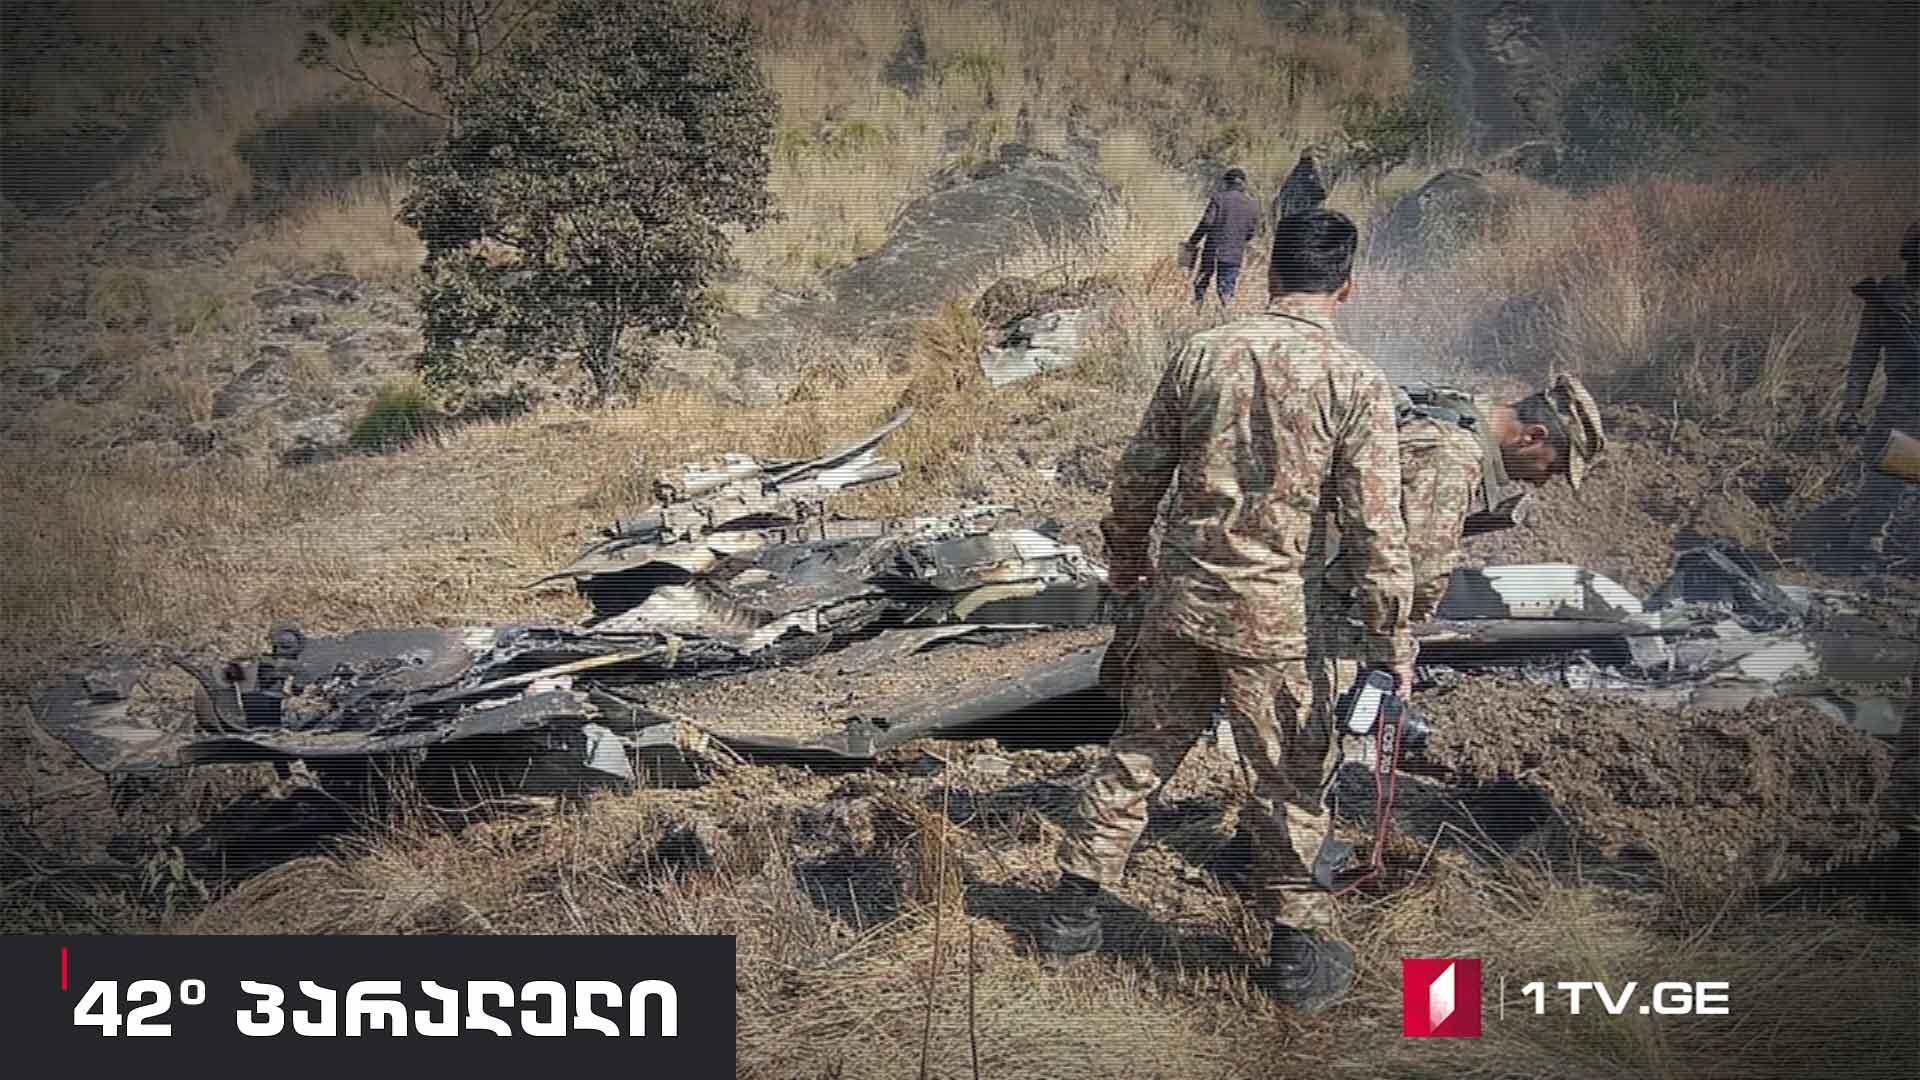 42° პარალელი - ინდოეთ-პაკისტანის კონფლიქტი: ომი დამარცხებულის გარეშე